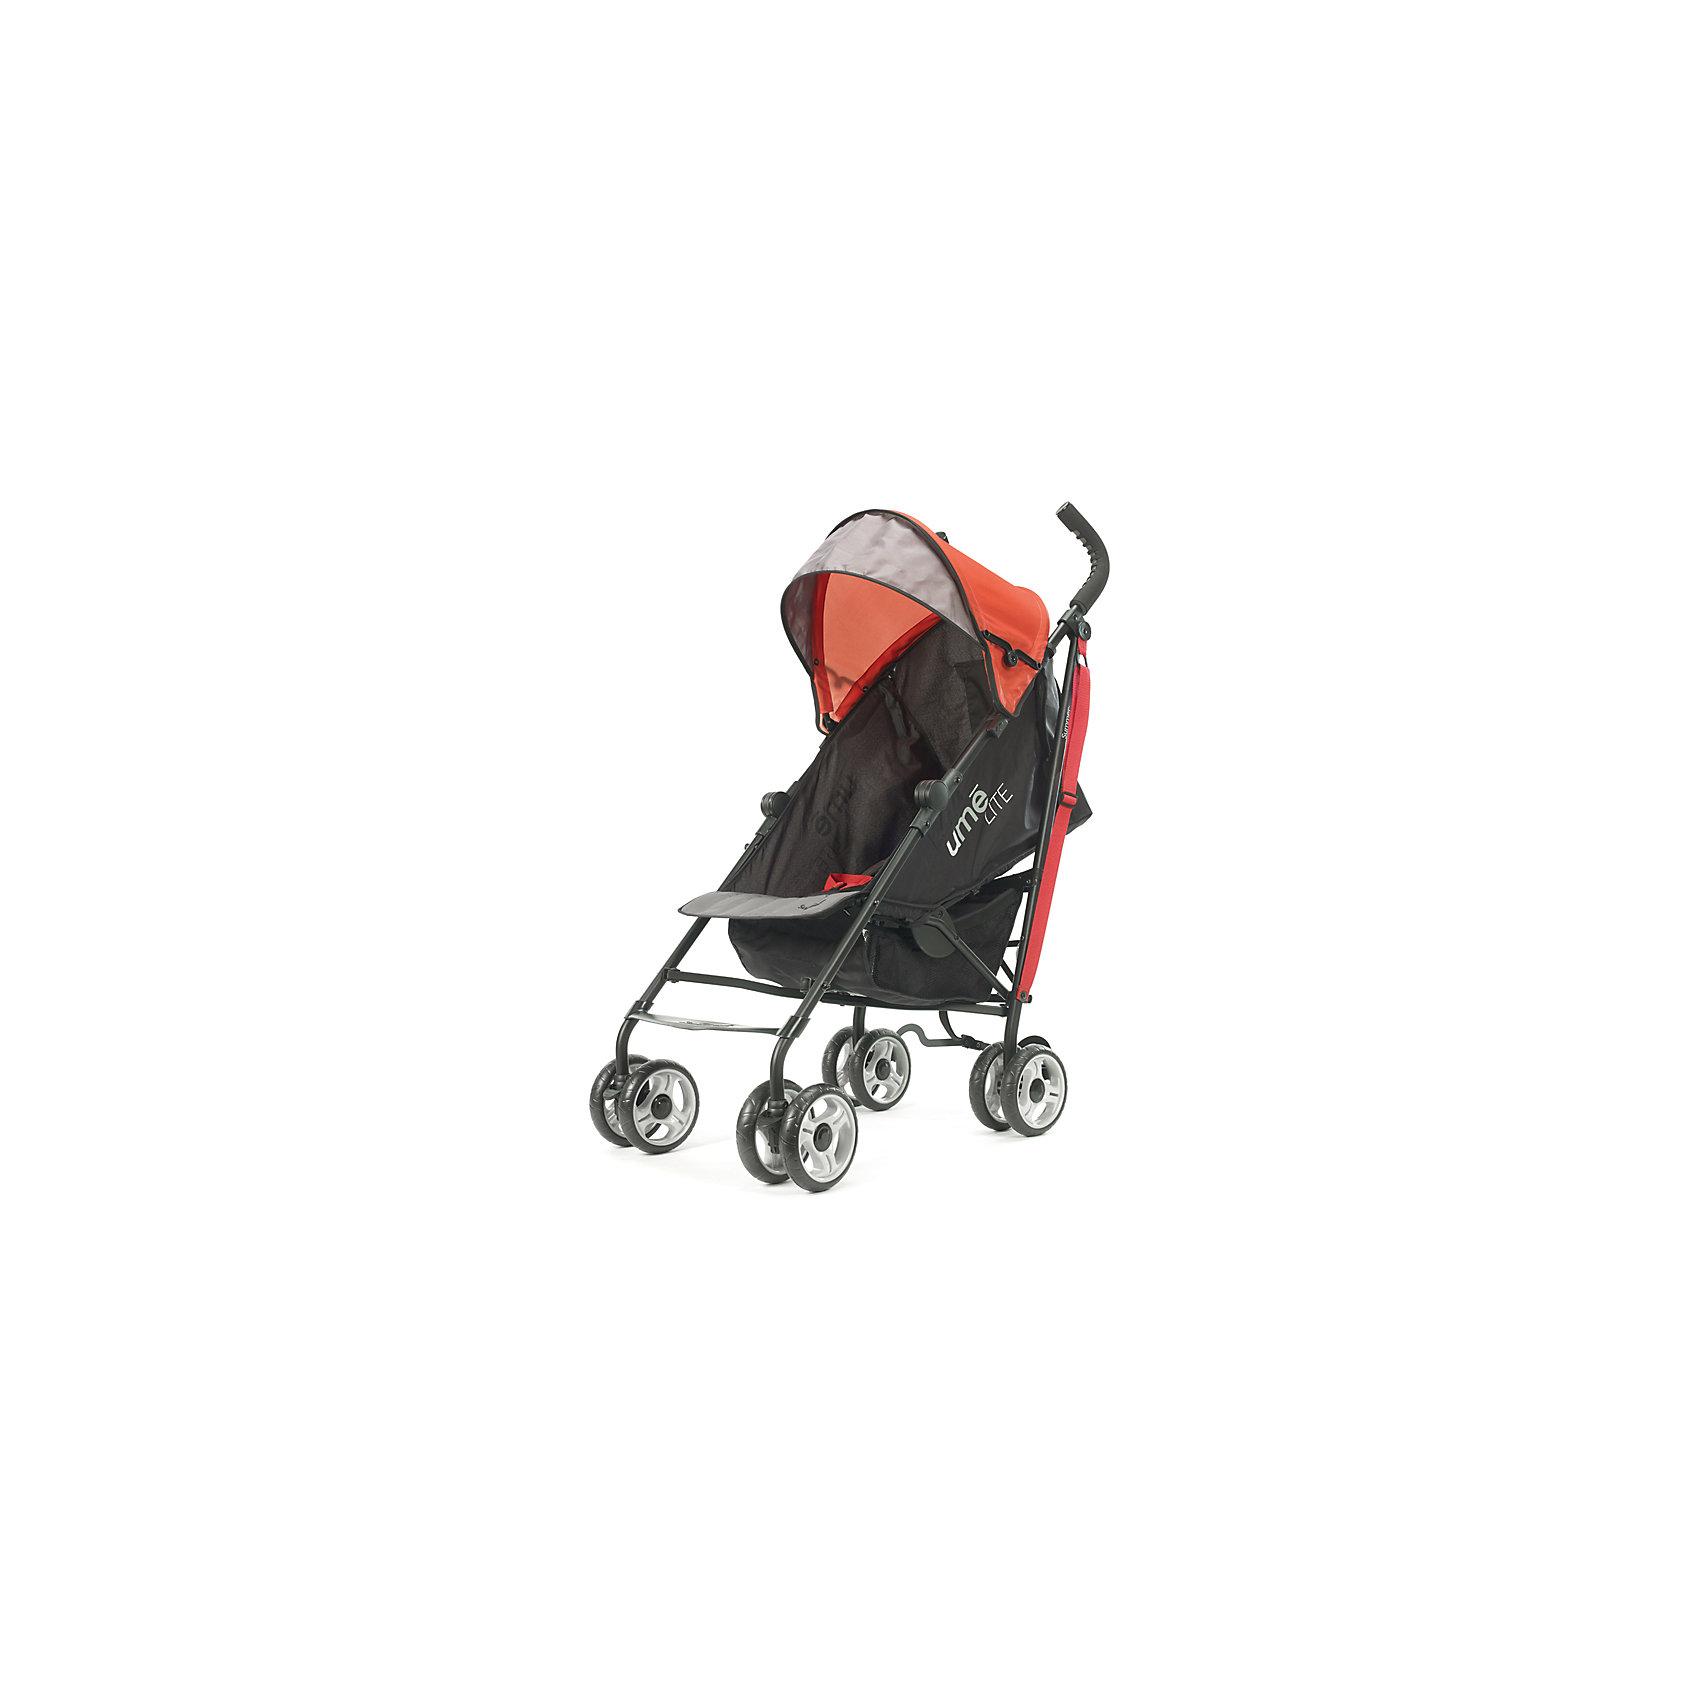 Коляска-трость Summer Infant Ume Lite, черно-красныйНедорогие коляски<br>Характеристики коляски:<br><br>• возраст: от 6 месяцев;<br>• материал: алюминий, пластик, полиэстер;<br>• регулировка наклона спинки в 3 положениях;<br>• регулируемые 5-ти точечные ремни безопасности;<br>• тип колес: все сдвоенные, передние поворотные с фиксацией;<br>• материал колес: резиновые;<br>• тип складывания: трость;<br>• вес коляски: 5,8 кг;<br>• размер упаковки: 104х32,5х24,5 см;<br>• вес упаковки: 7,8 кг;<br>• страна производитель: Китай.<br><br>Комплектация:<br><br>• коляска;<br>• корзина для покупок;<br>• инструкция.<br><br>Коляска-трость Ume Lite Summer Infant черно-красная — легкая и маневренная коляска для летних прогулок по городу, парку и поездок на природу. Спинка сидения наклоняется в 3 положениях, позволяя крохе отдохнуть и поспать на прогулке. Капюшон выполнен из ткани, не пропускающей влагу и защищающей от УФ-лучей. На задней стенке капюшона имеется вместительный карман для мелочей. Благодаря сдвоенным колесам и прочной раме коляска отличается хорошей устойчивостью и не опрокидывается. В сложенном виде удобно переносить коляску при помощи регулируемого ремешка.<br><br>Коляску-трость Ume Lite Summer Infant черно-красную можно приобрести в нашем интернет-магазине.<br><br>Ширина мм: 1040<br>Глубина мм: 325<br>Высота мм: 245<br>Вес г: 7800<br>Возраст от месяцев: 6<br>Возраст до месяцев: 36<br>Пол: Унисекс<br>Возраст: Детский<br>SKU: 5589111